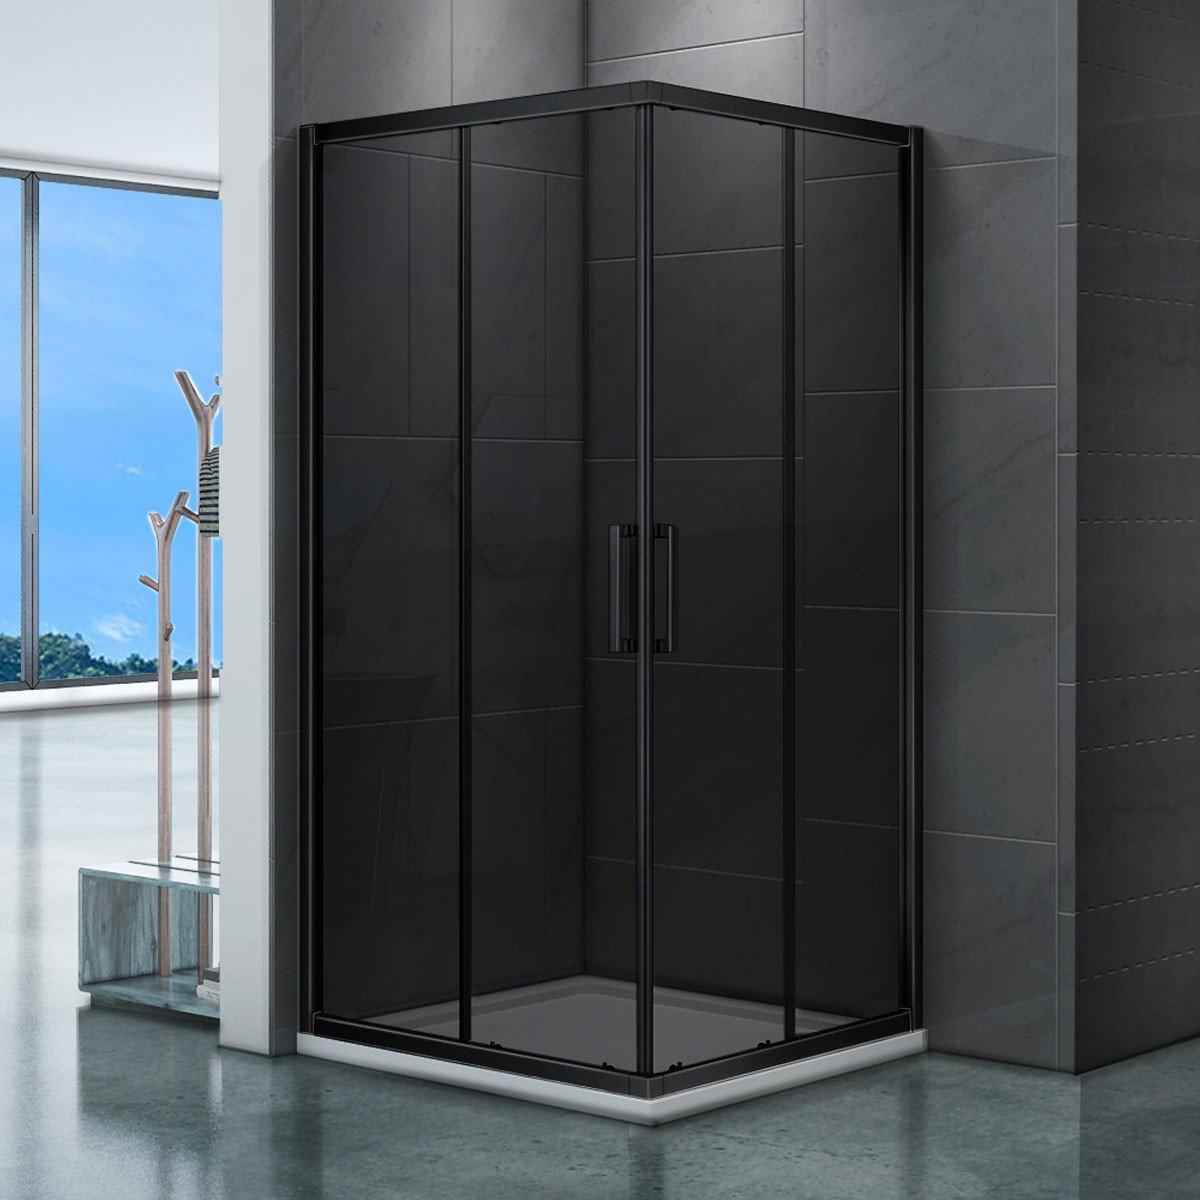 Productafbeelding van Kerra Tiara Square vierkante douchecabine 90x90 met zwarte profielen